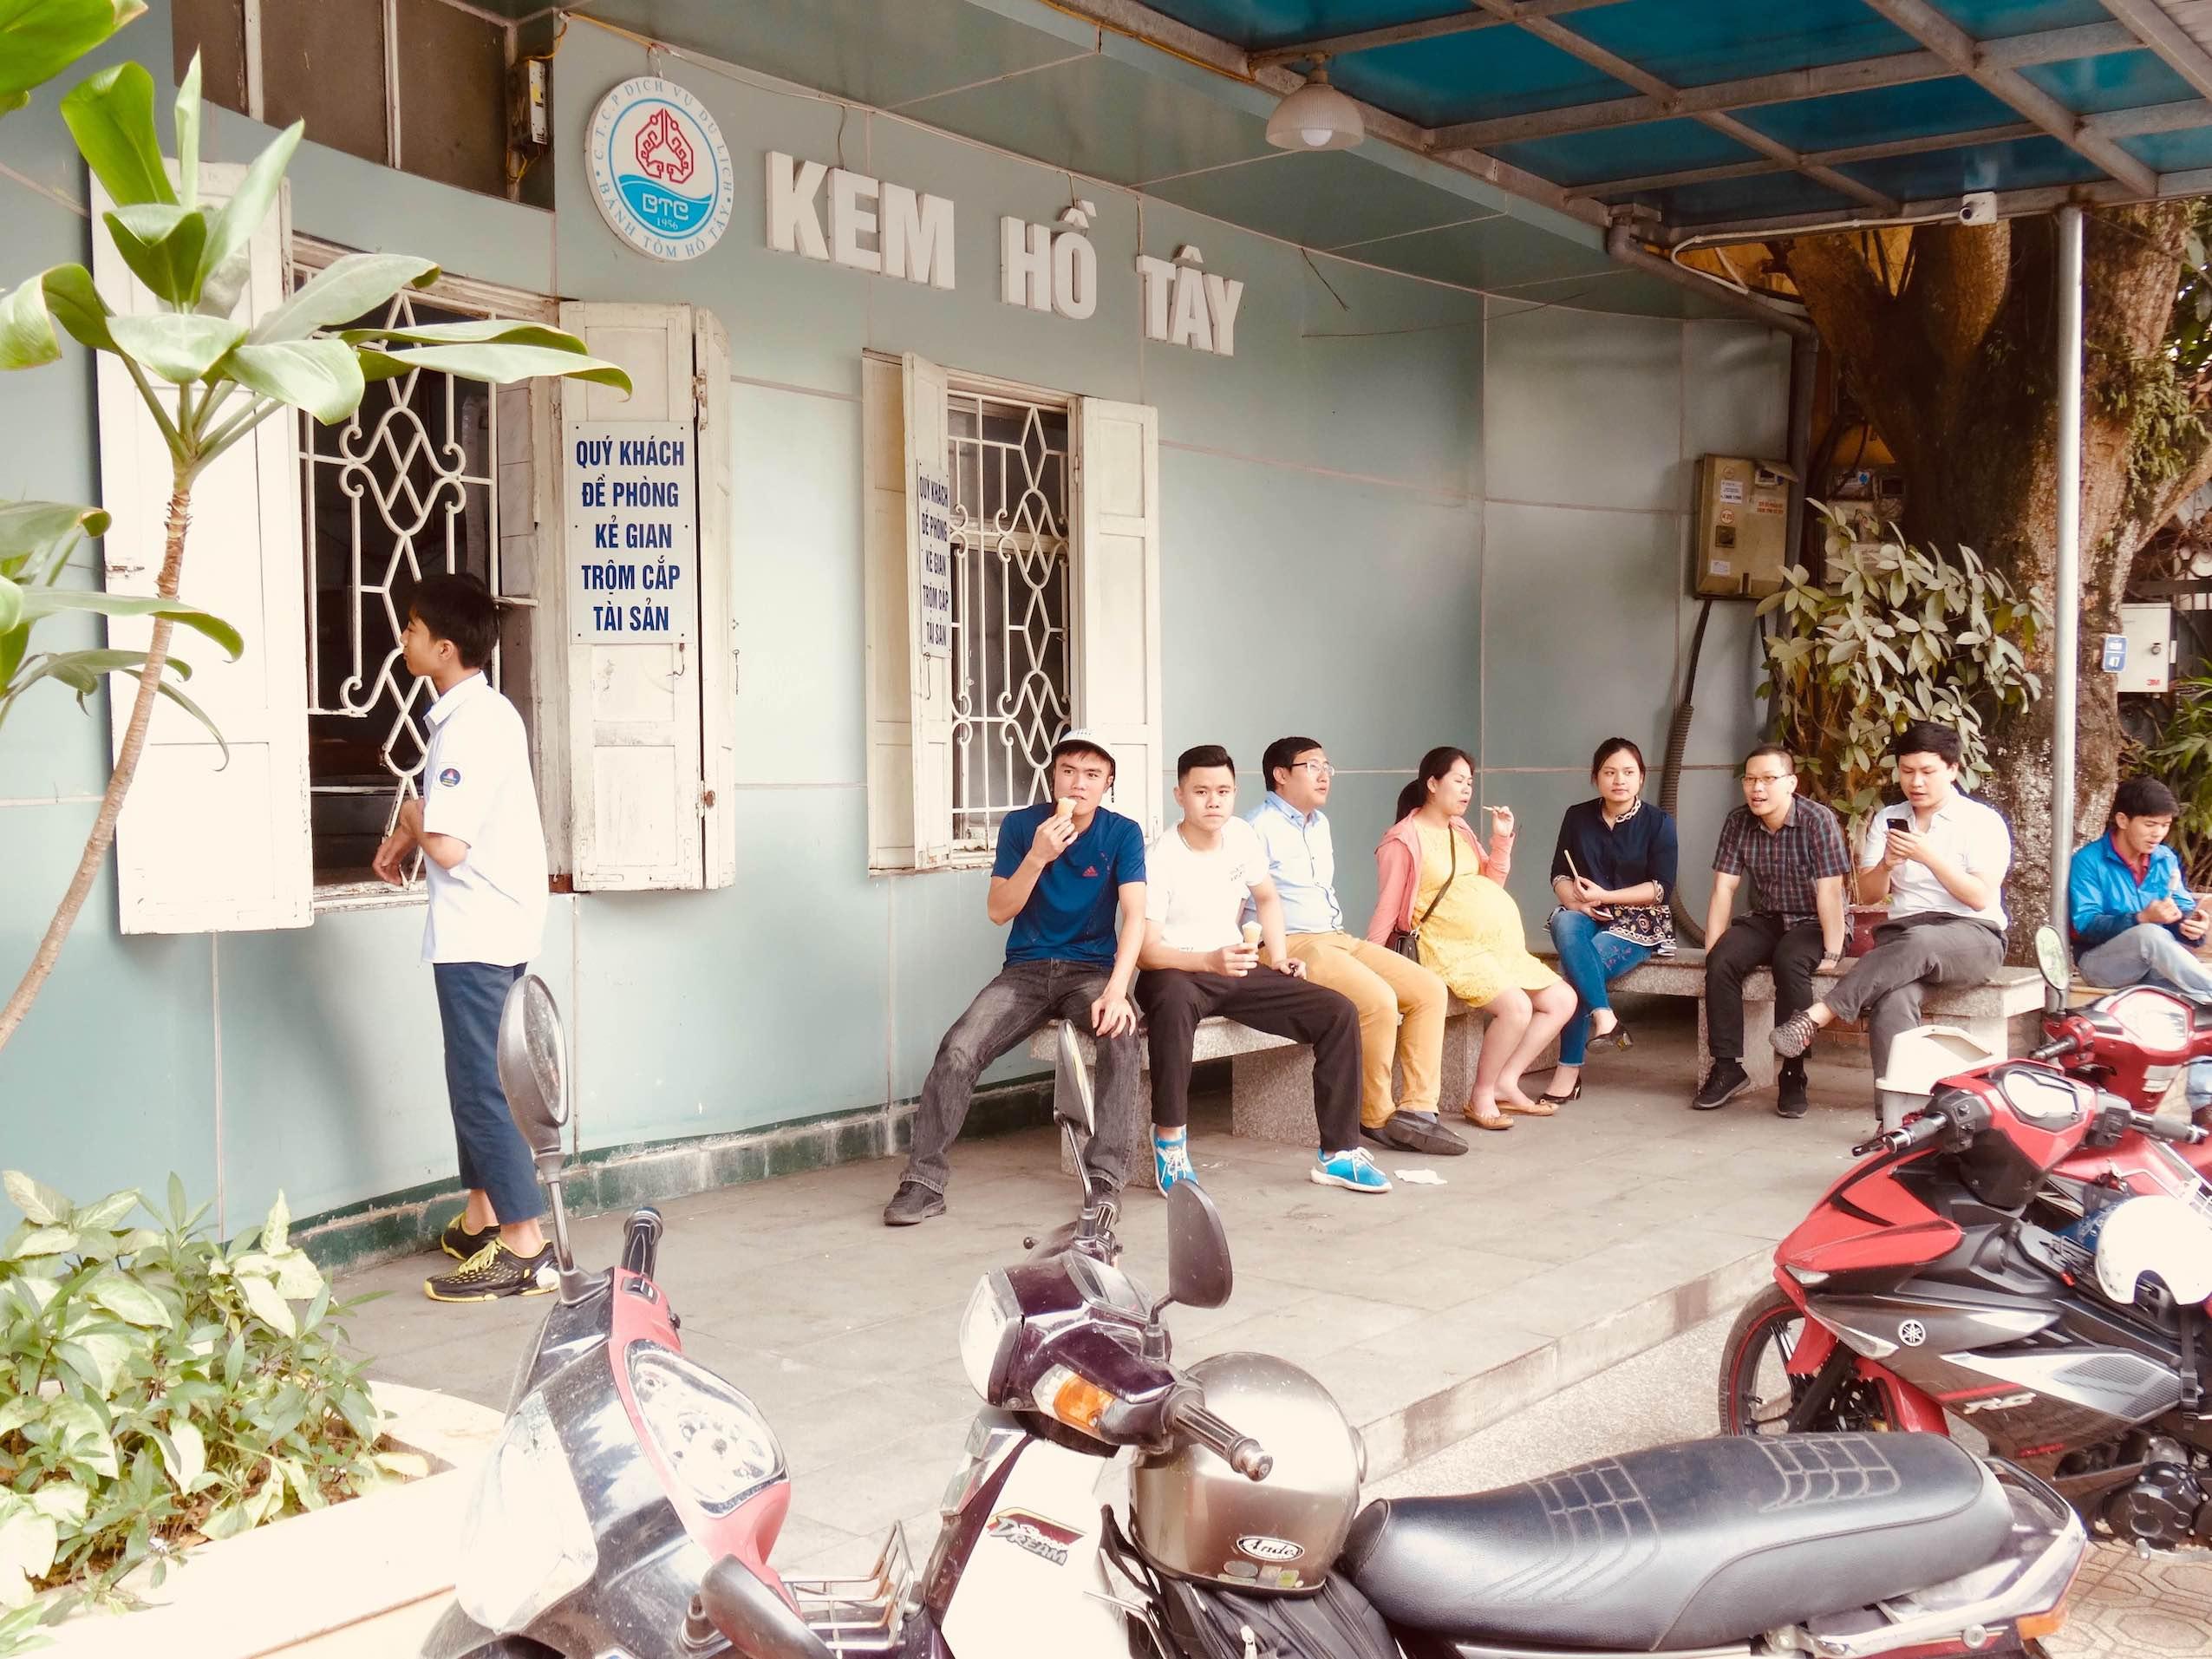 Quan Kem Ho Tay Ice Cream Hanoi.